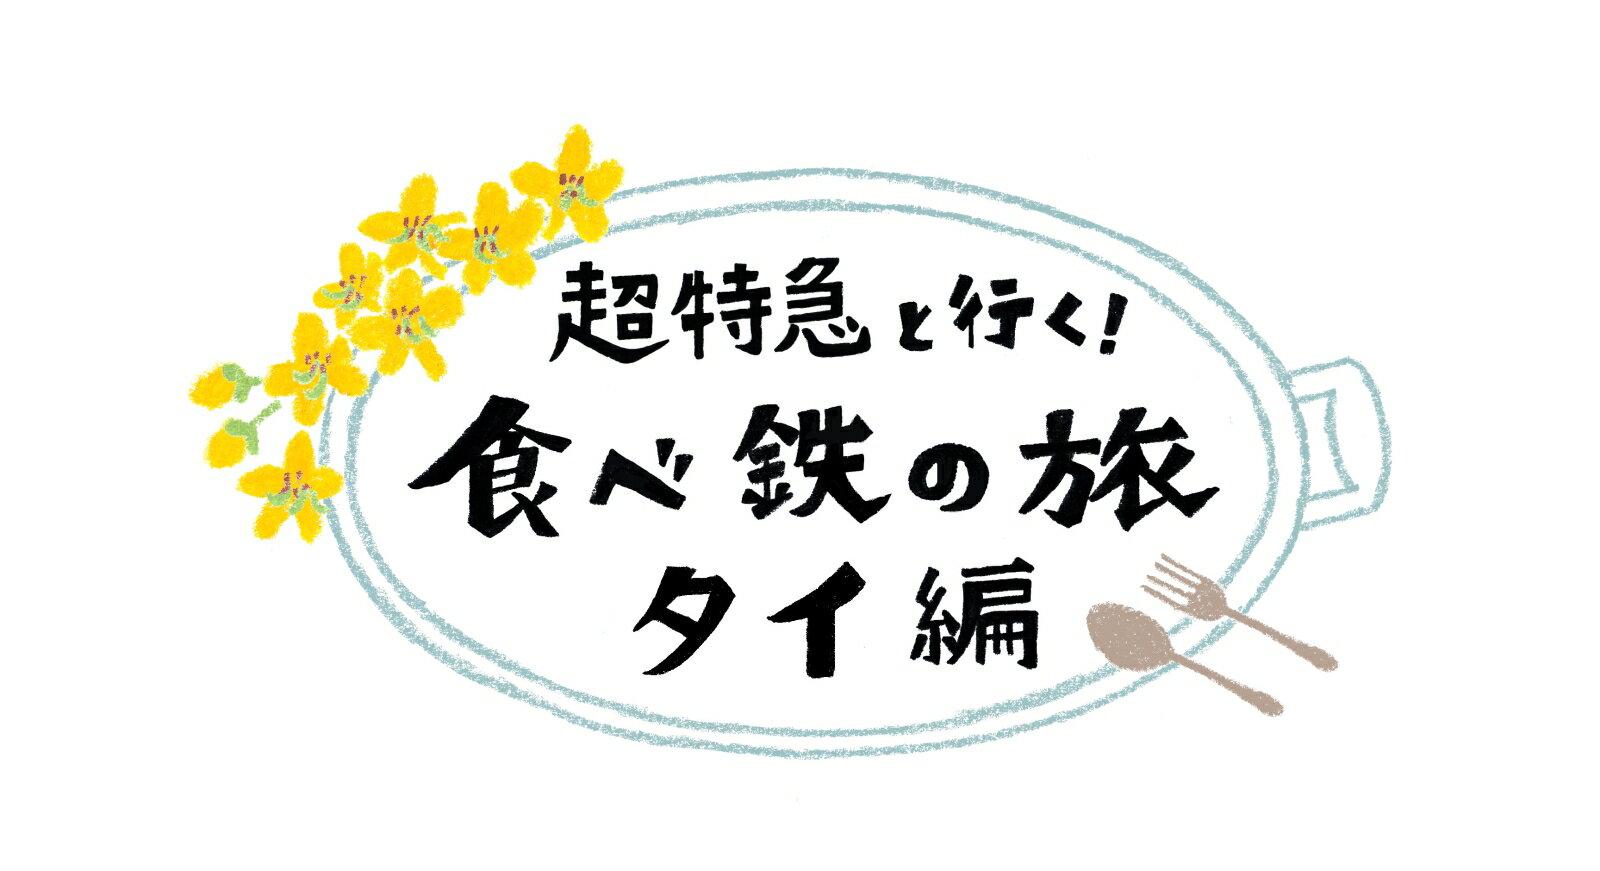 超特急と行く!食べ鉄の旅 タイ編 Blu-ray BOX【Blu-ray】